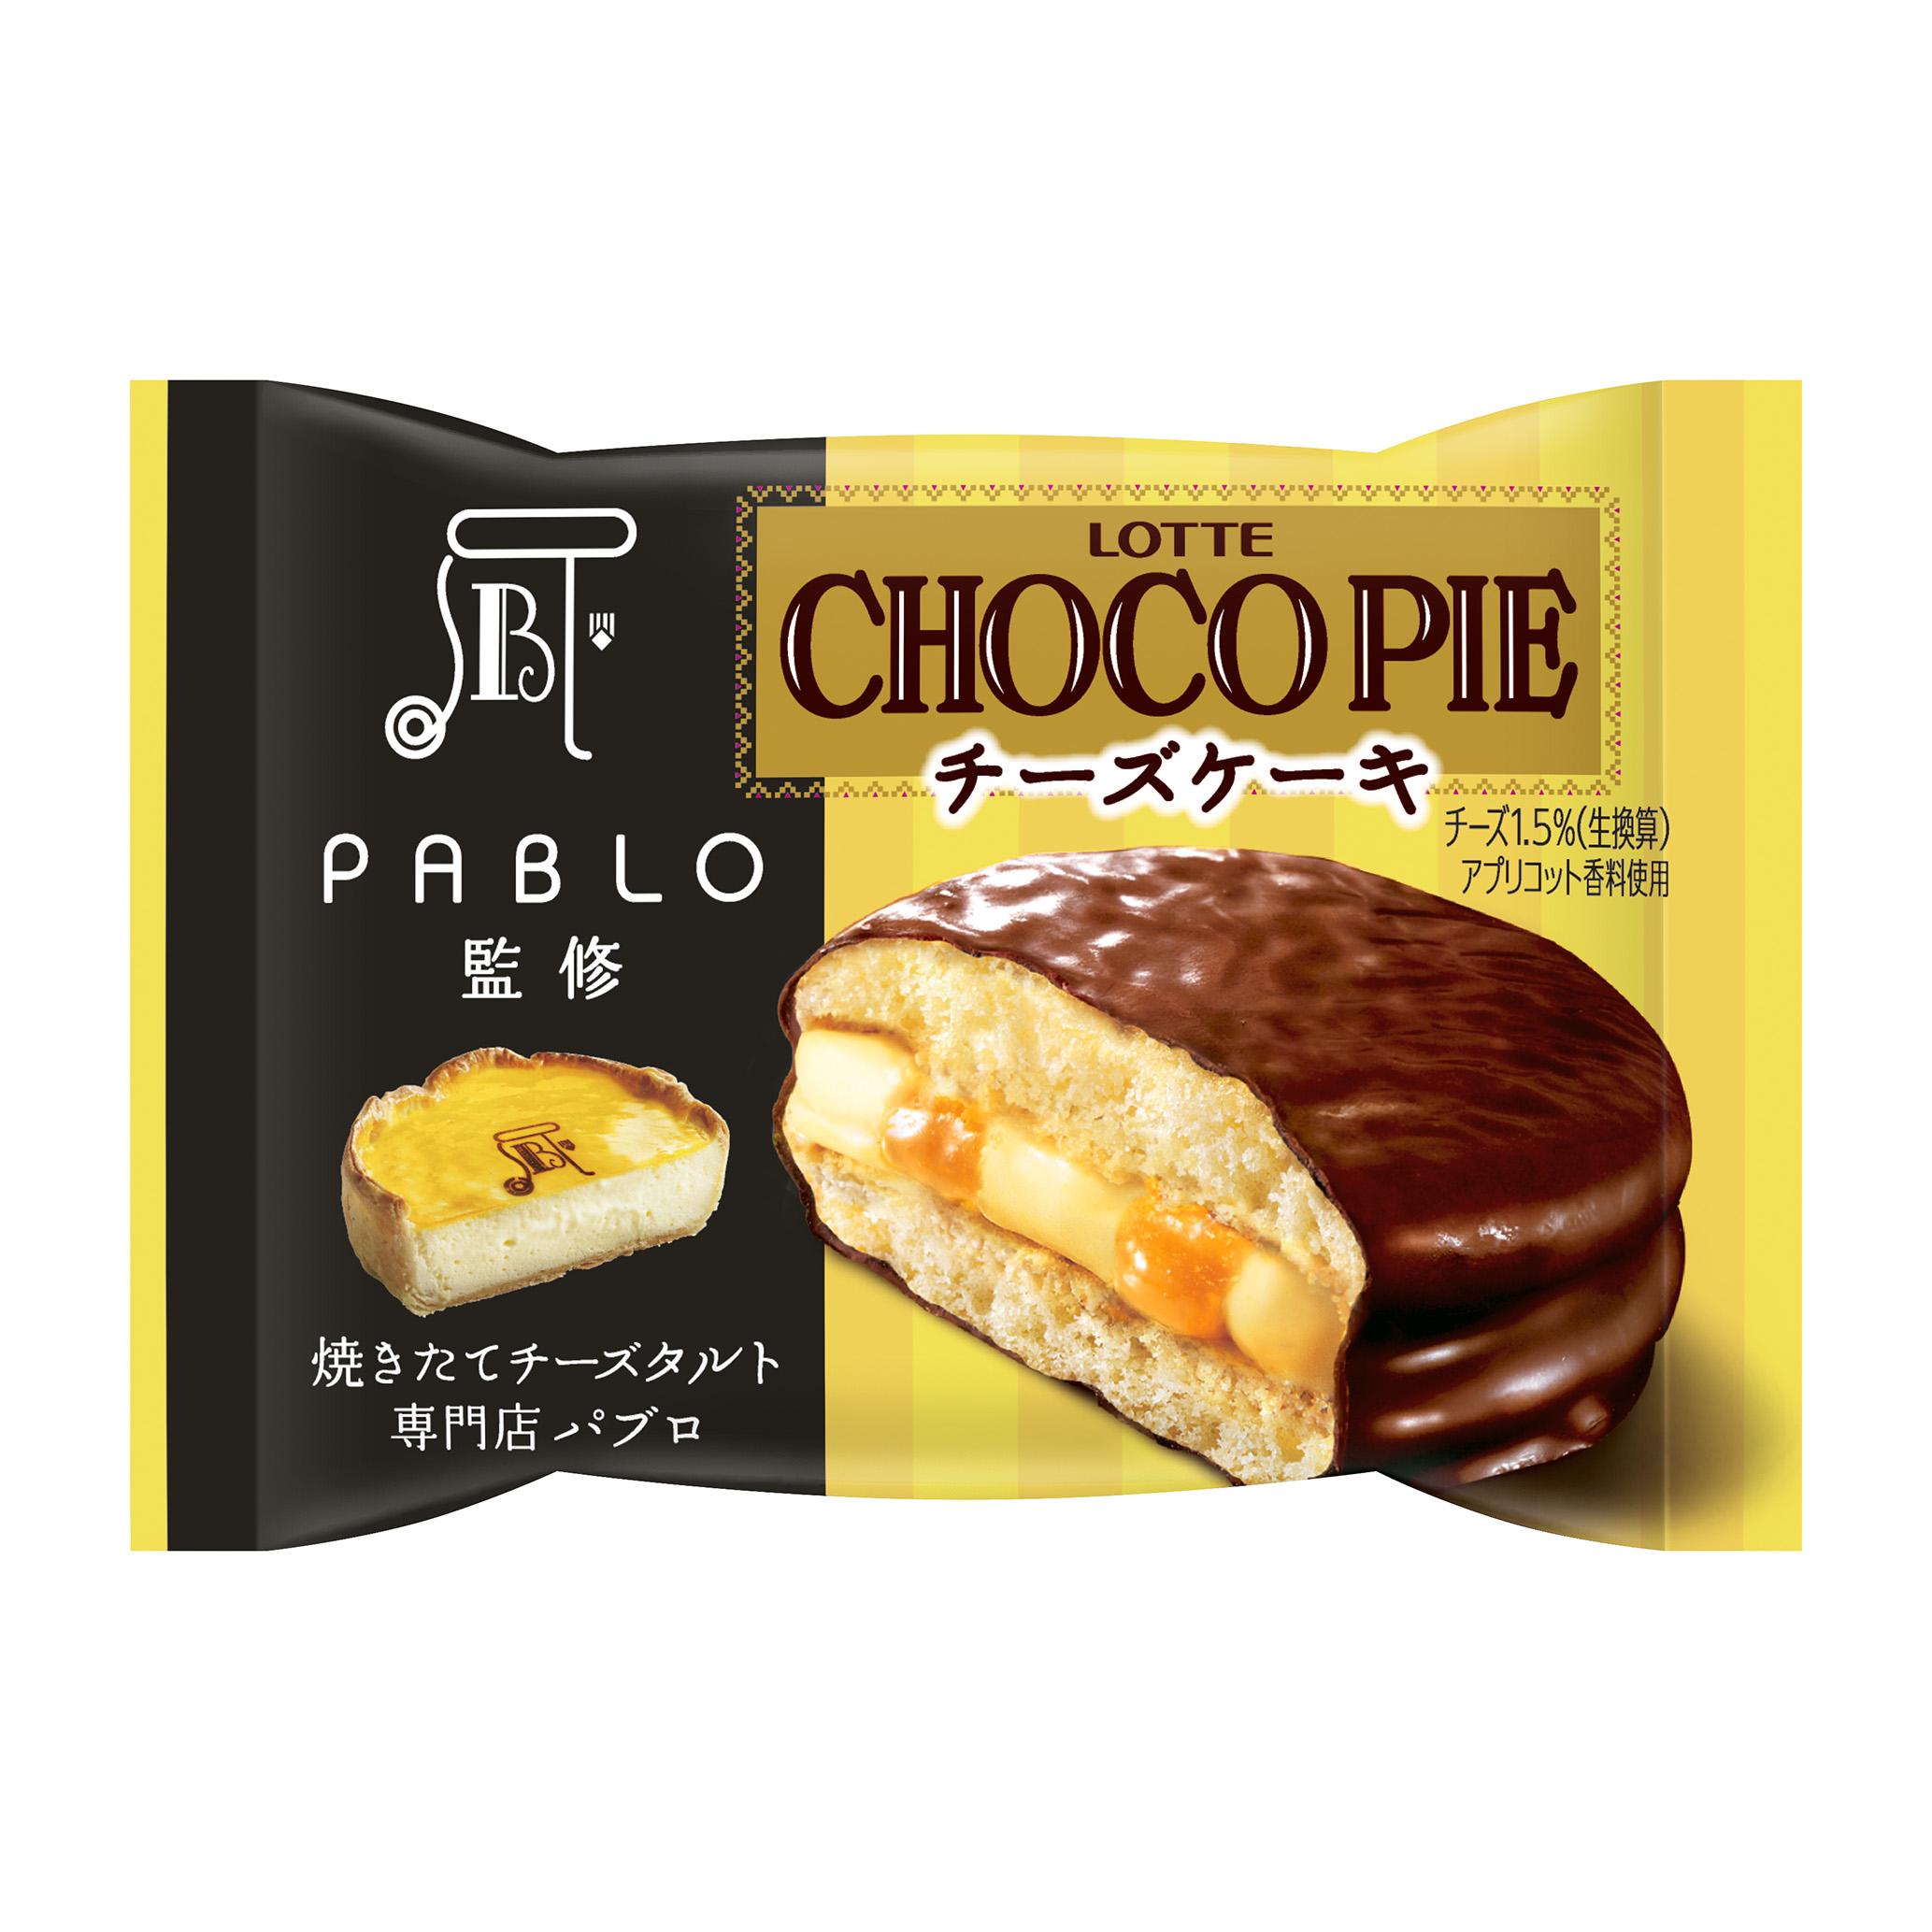 チョコパイ<PABLO監修チーズケーキ>個売り